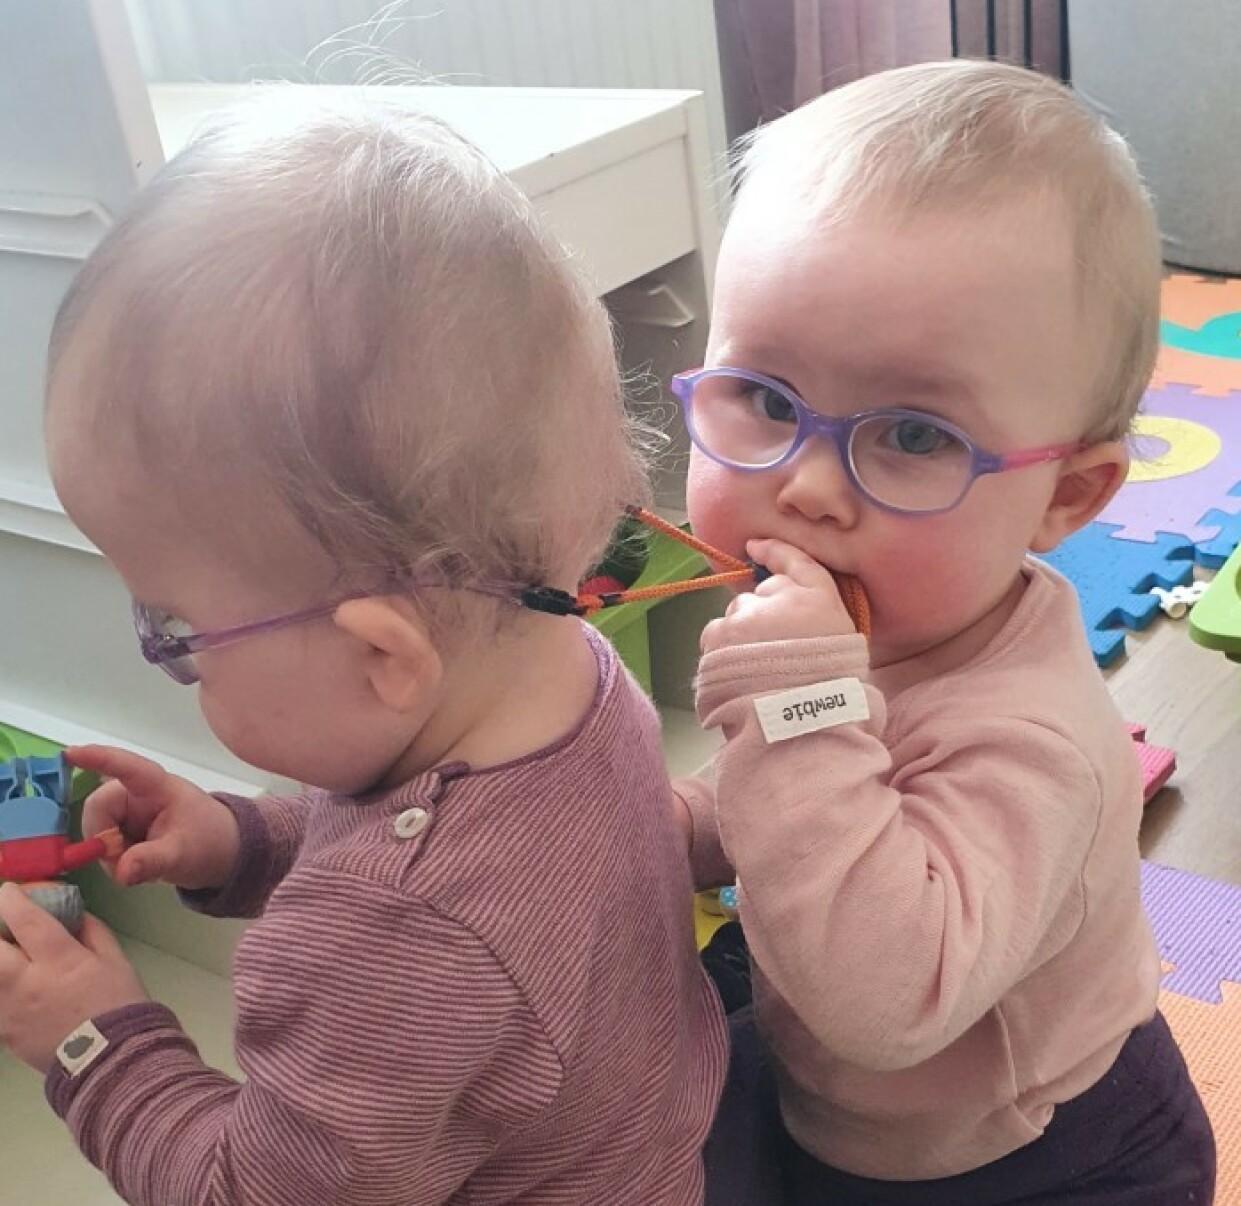 BRILLESNORER: Jentene har nå fått brillesnorer som skal holde brillene på plass, men disse er det også veldig fristende å smake på... FOTO: Privat